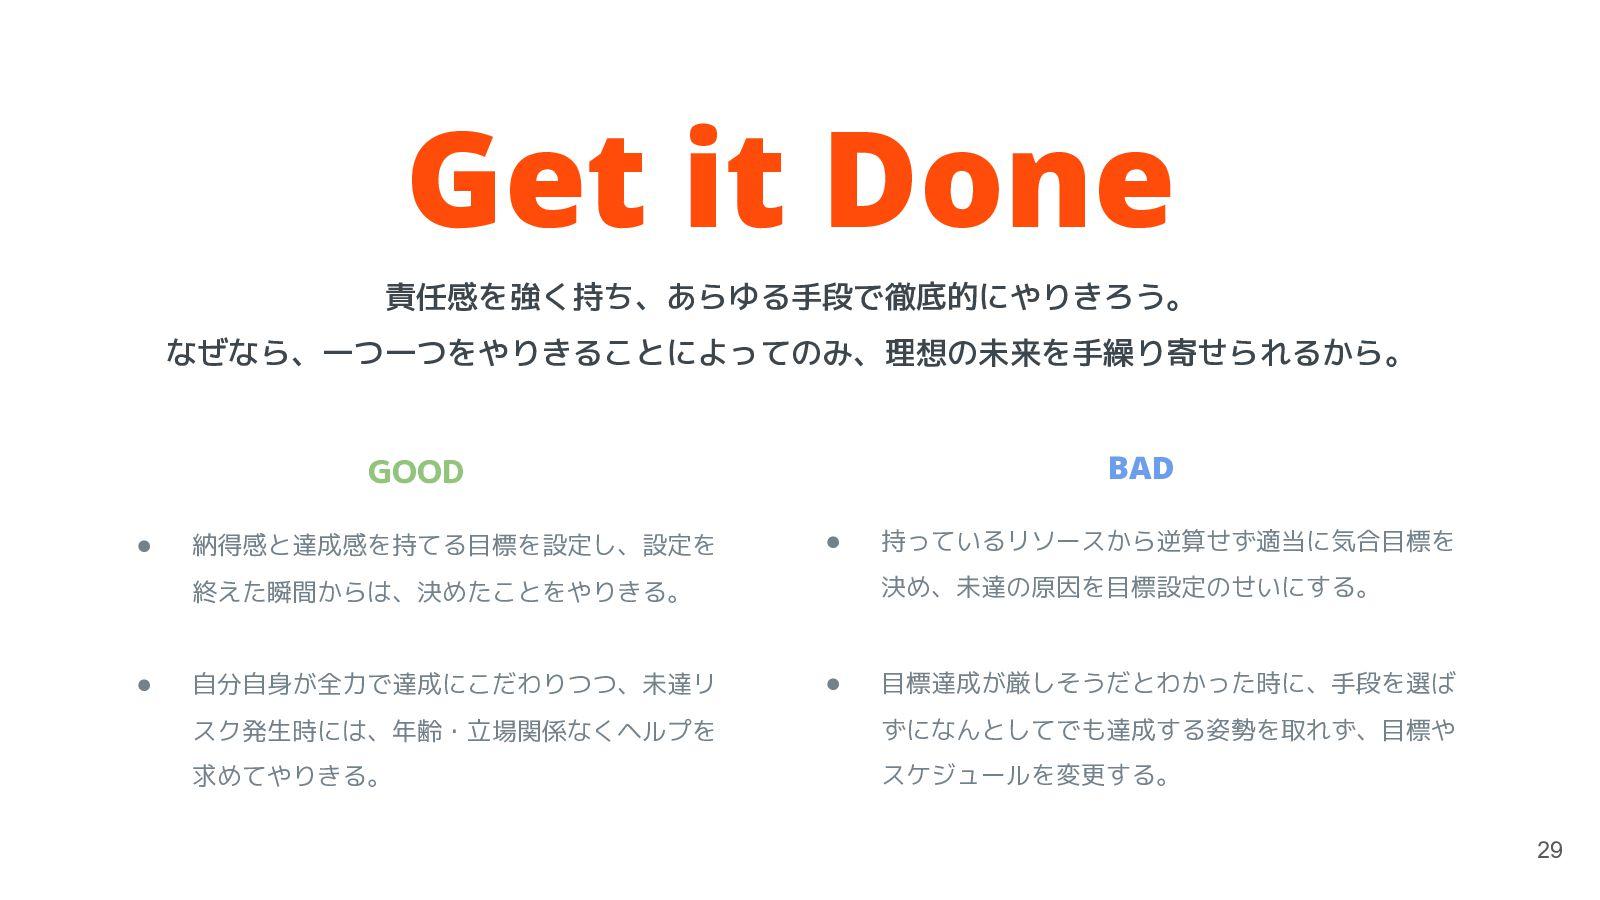 Care for Team 愛を持って仲間と向き合い、深い関係を築こう。なぜなら、深い関係で結...